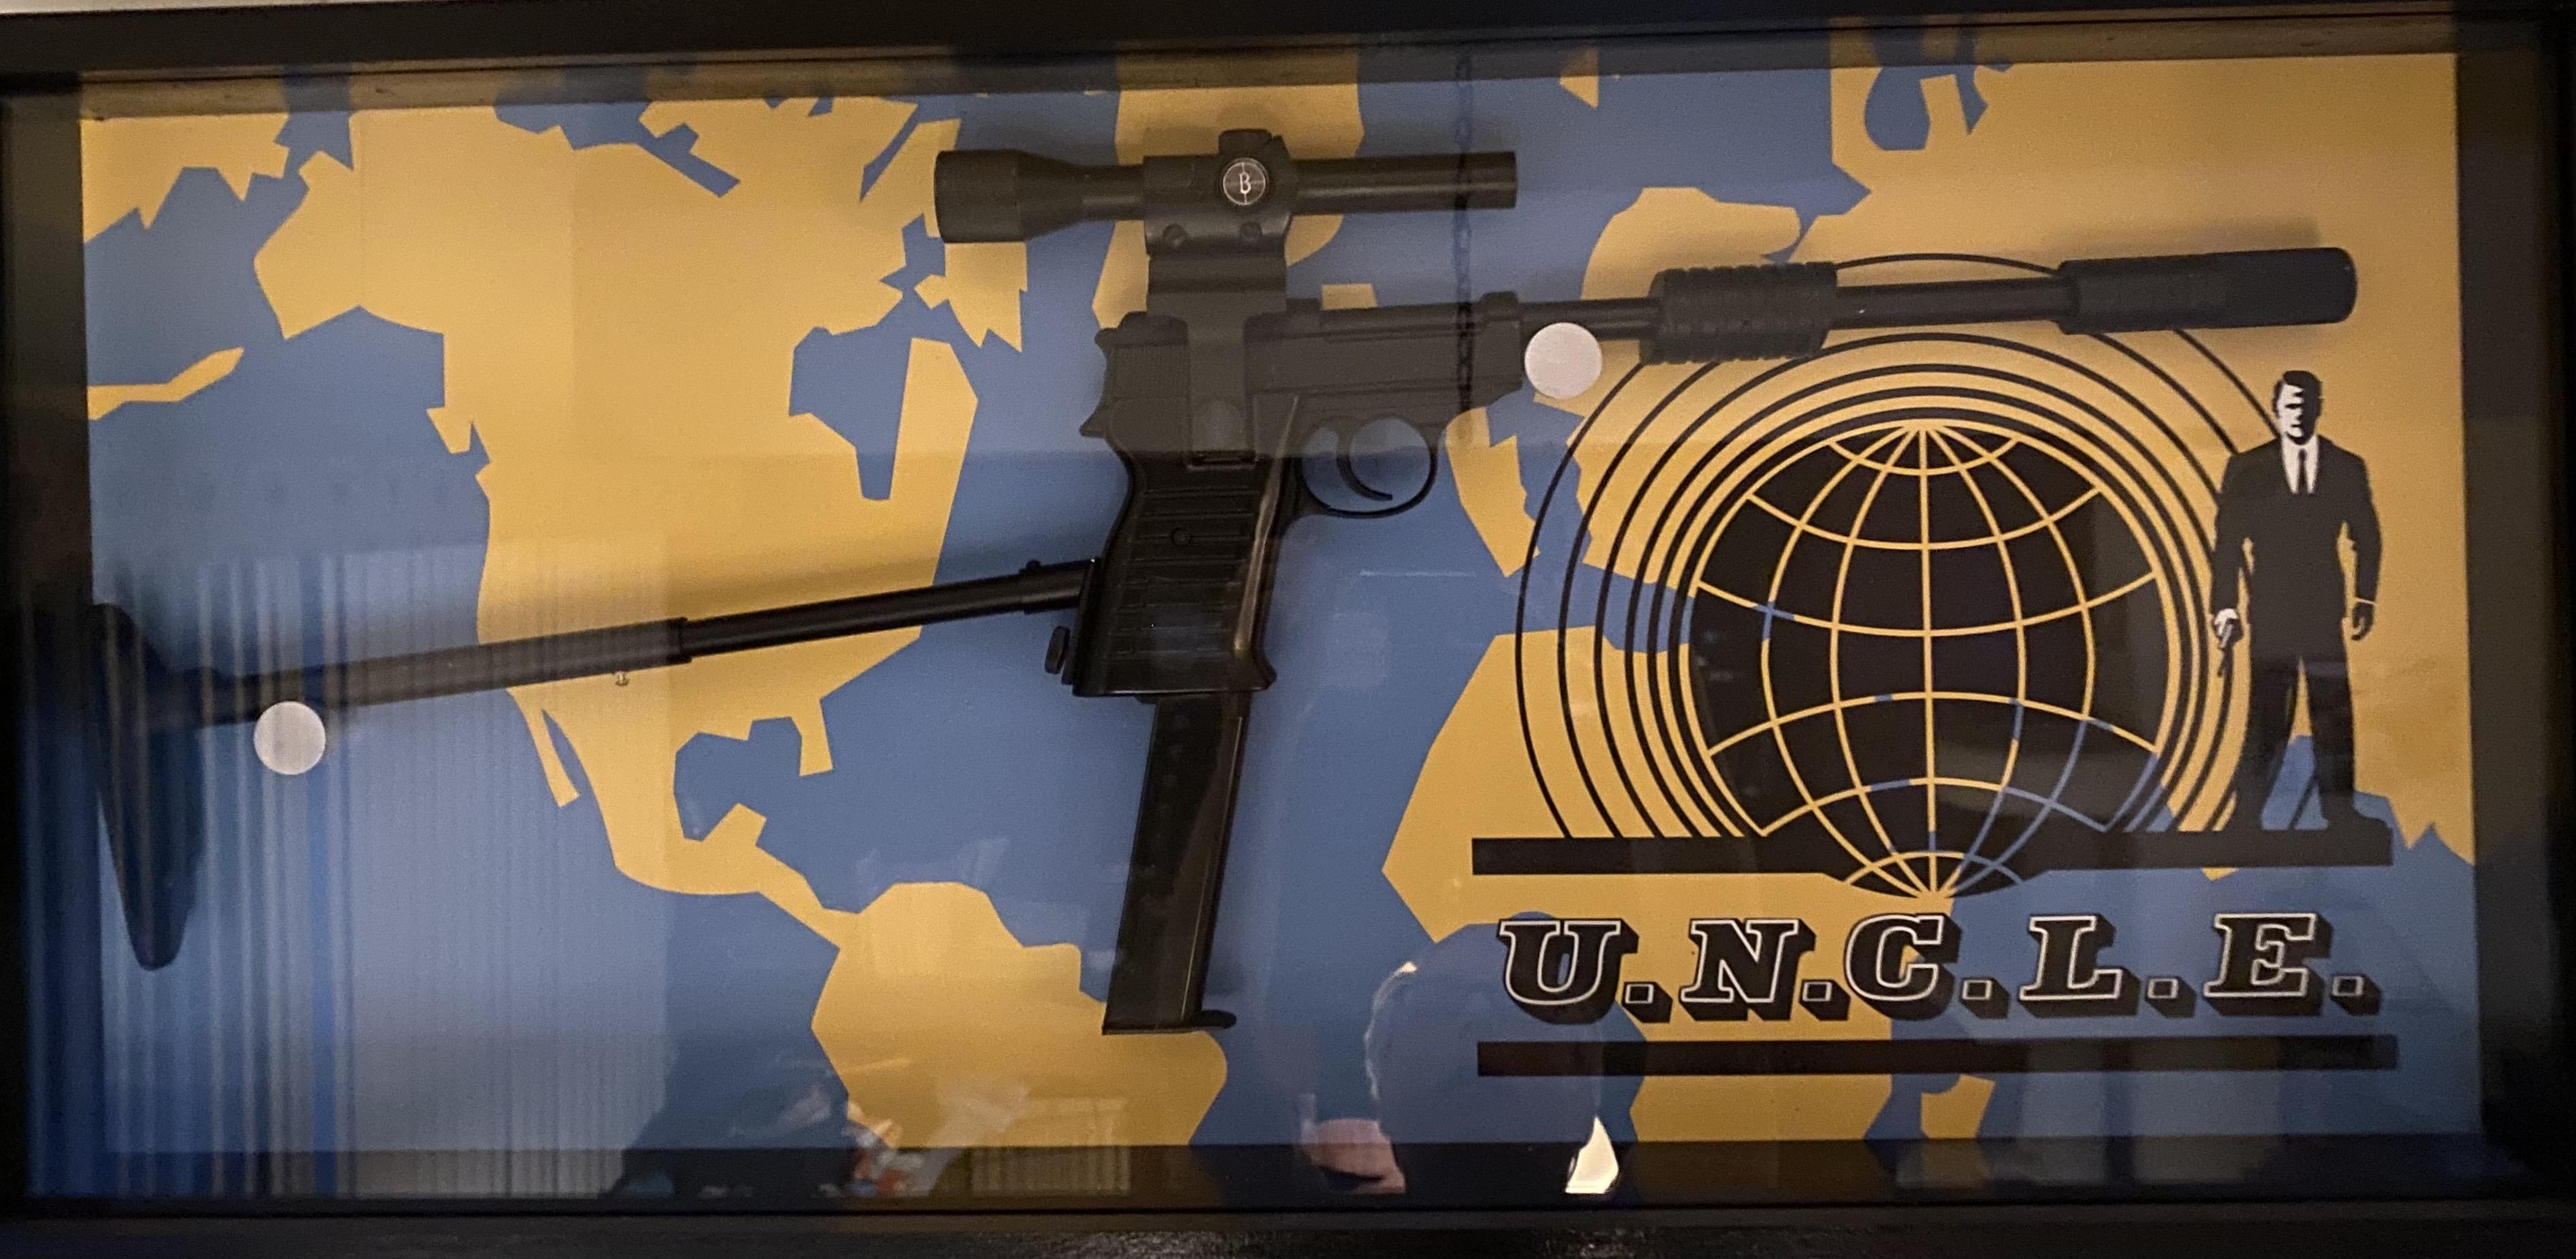 My UNCLE Gun.jpg